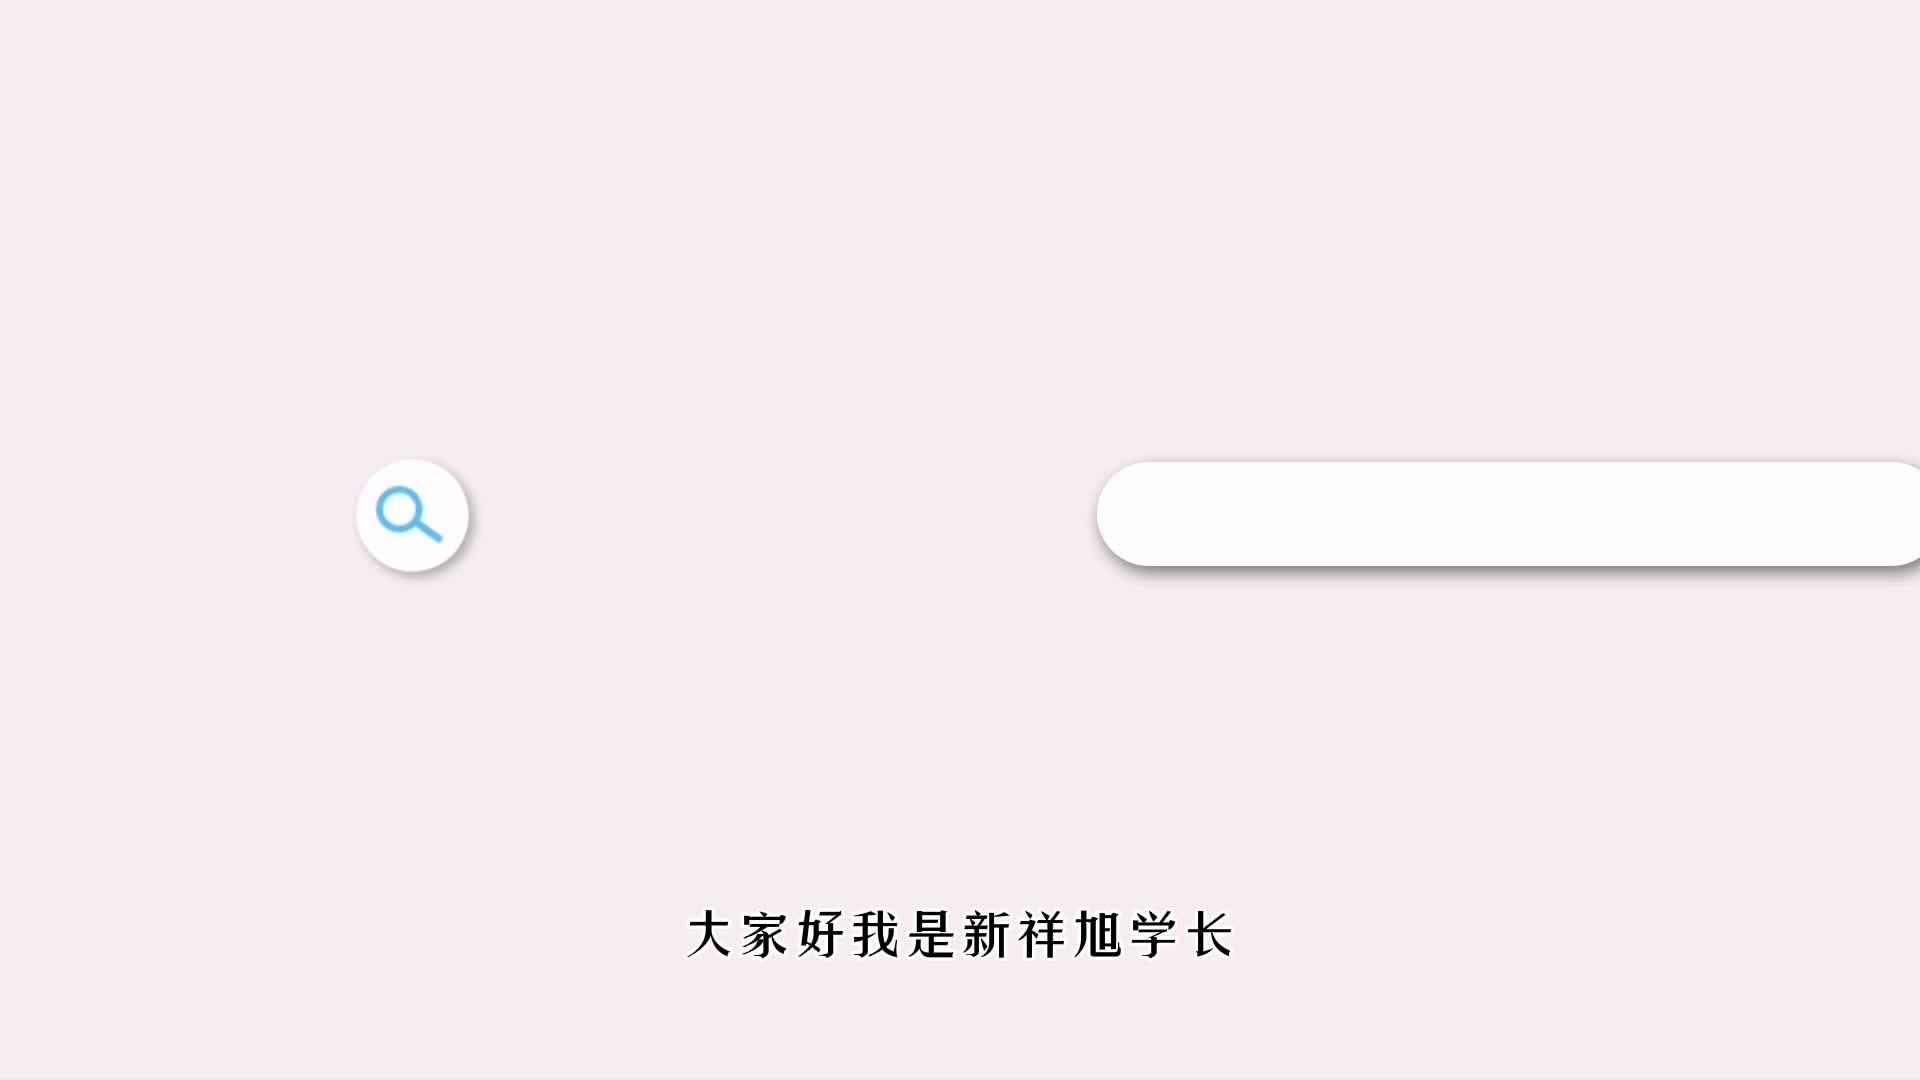 北京师范大学考研成功经验分享.mp4